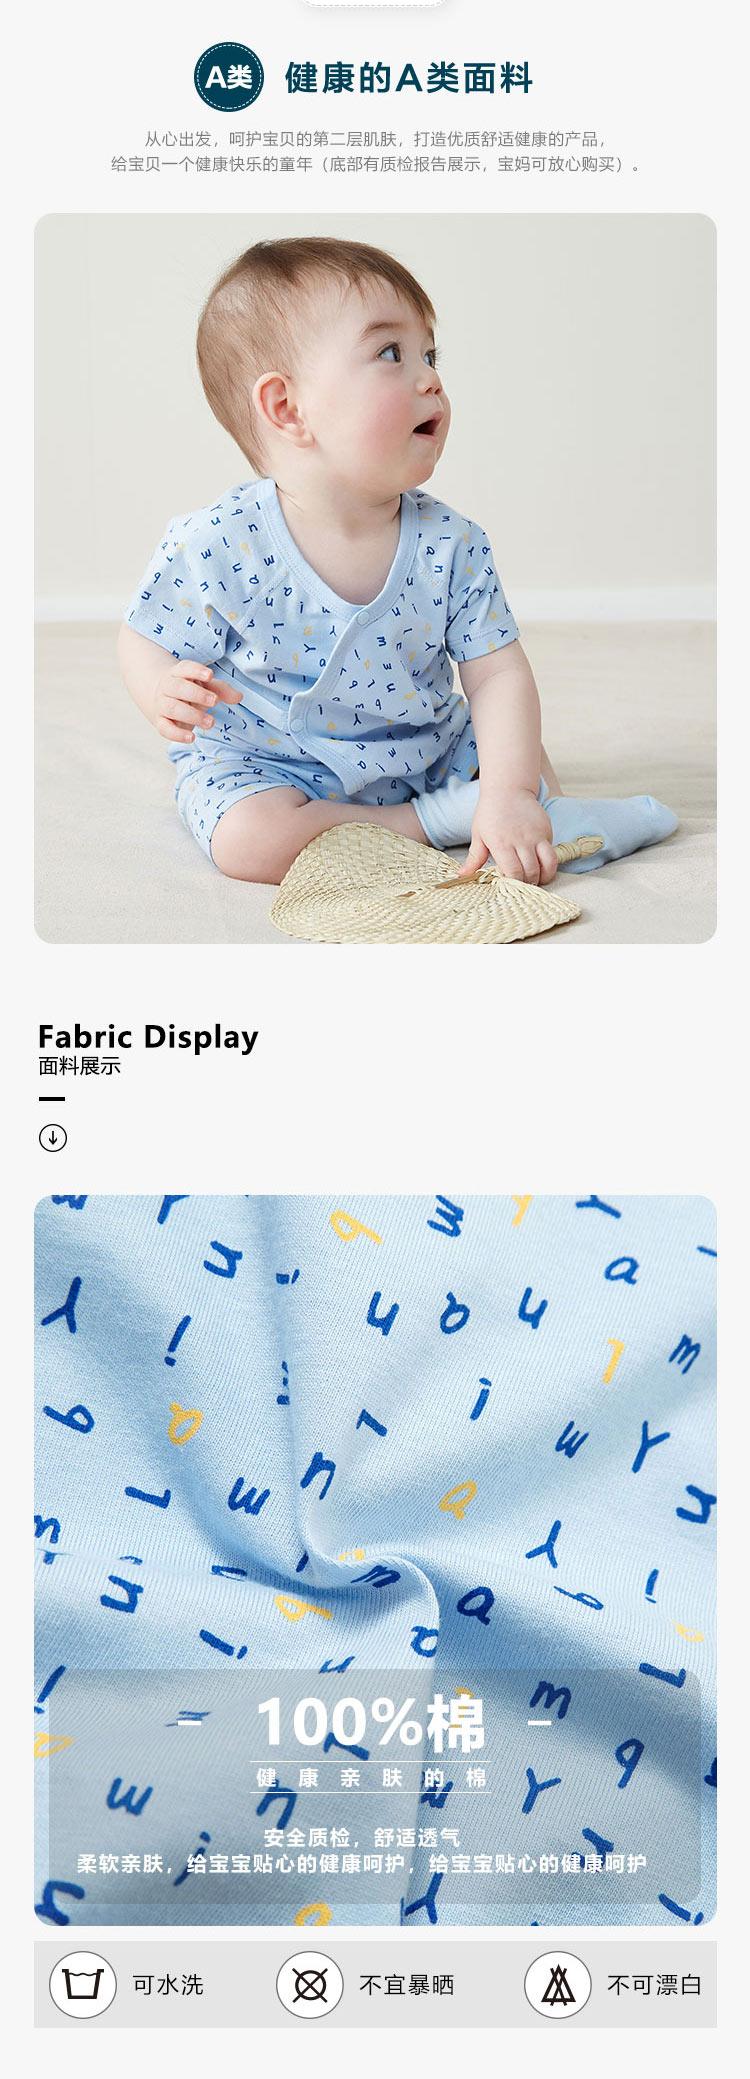 婴童装详情页制作